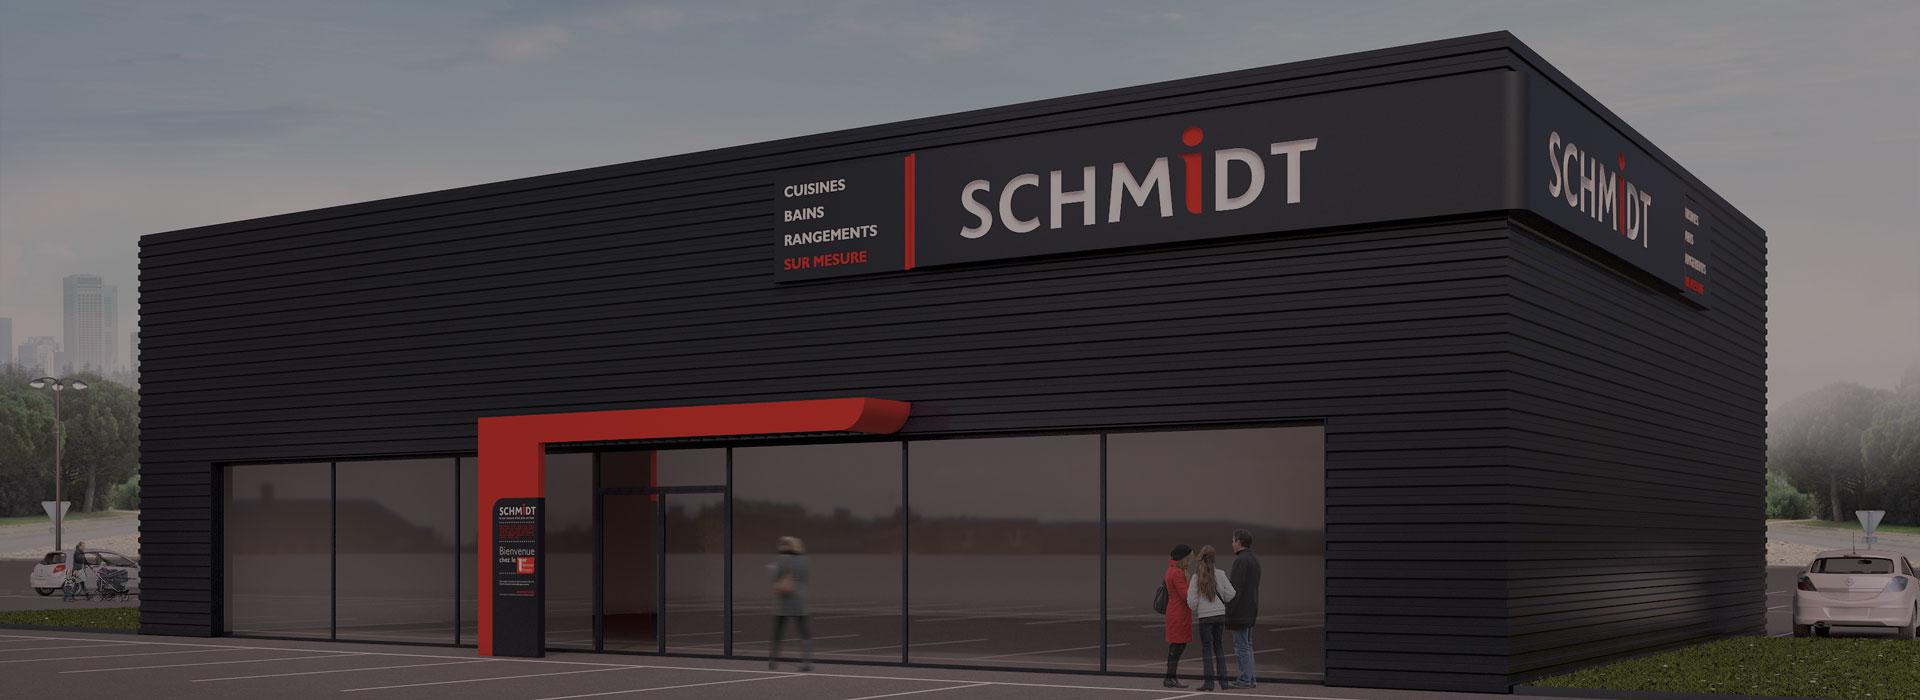 Cuisiniste Nimes Schmidt Magasin De Cuisine Dressing Salle De Bains